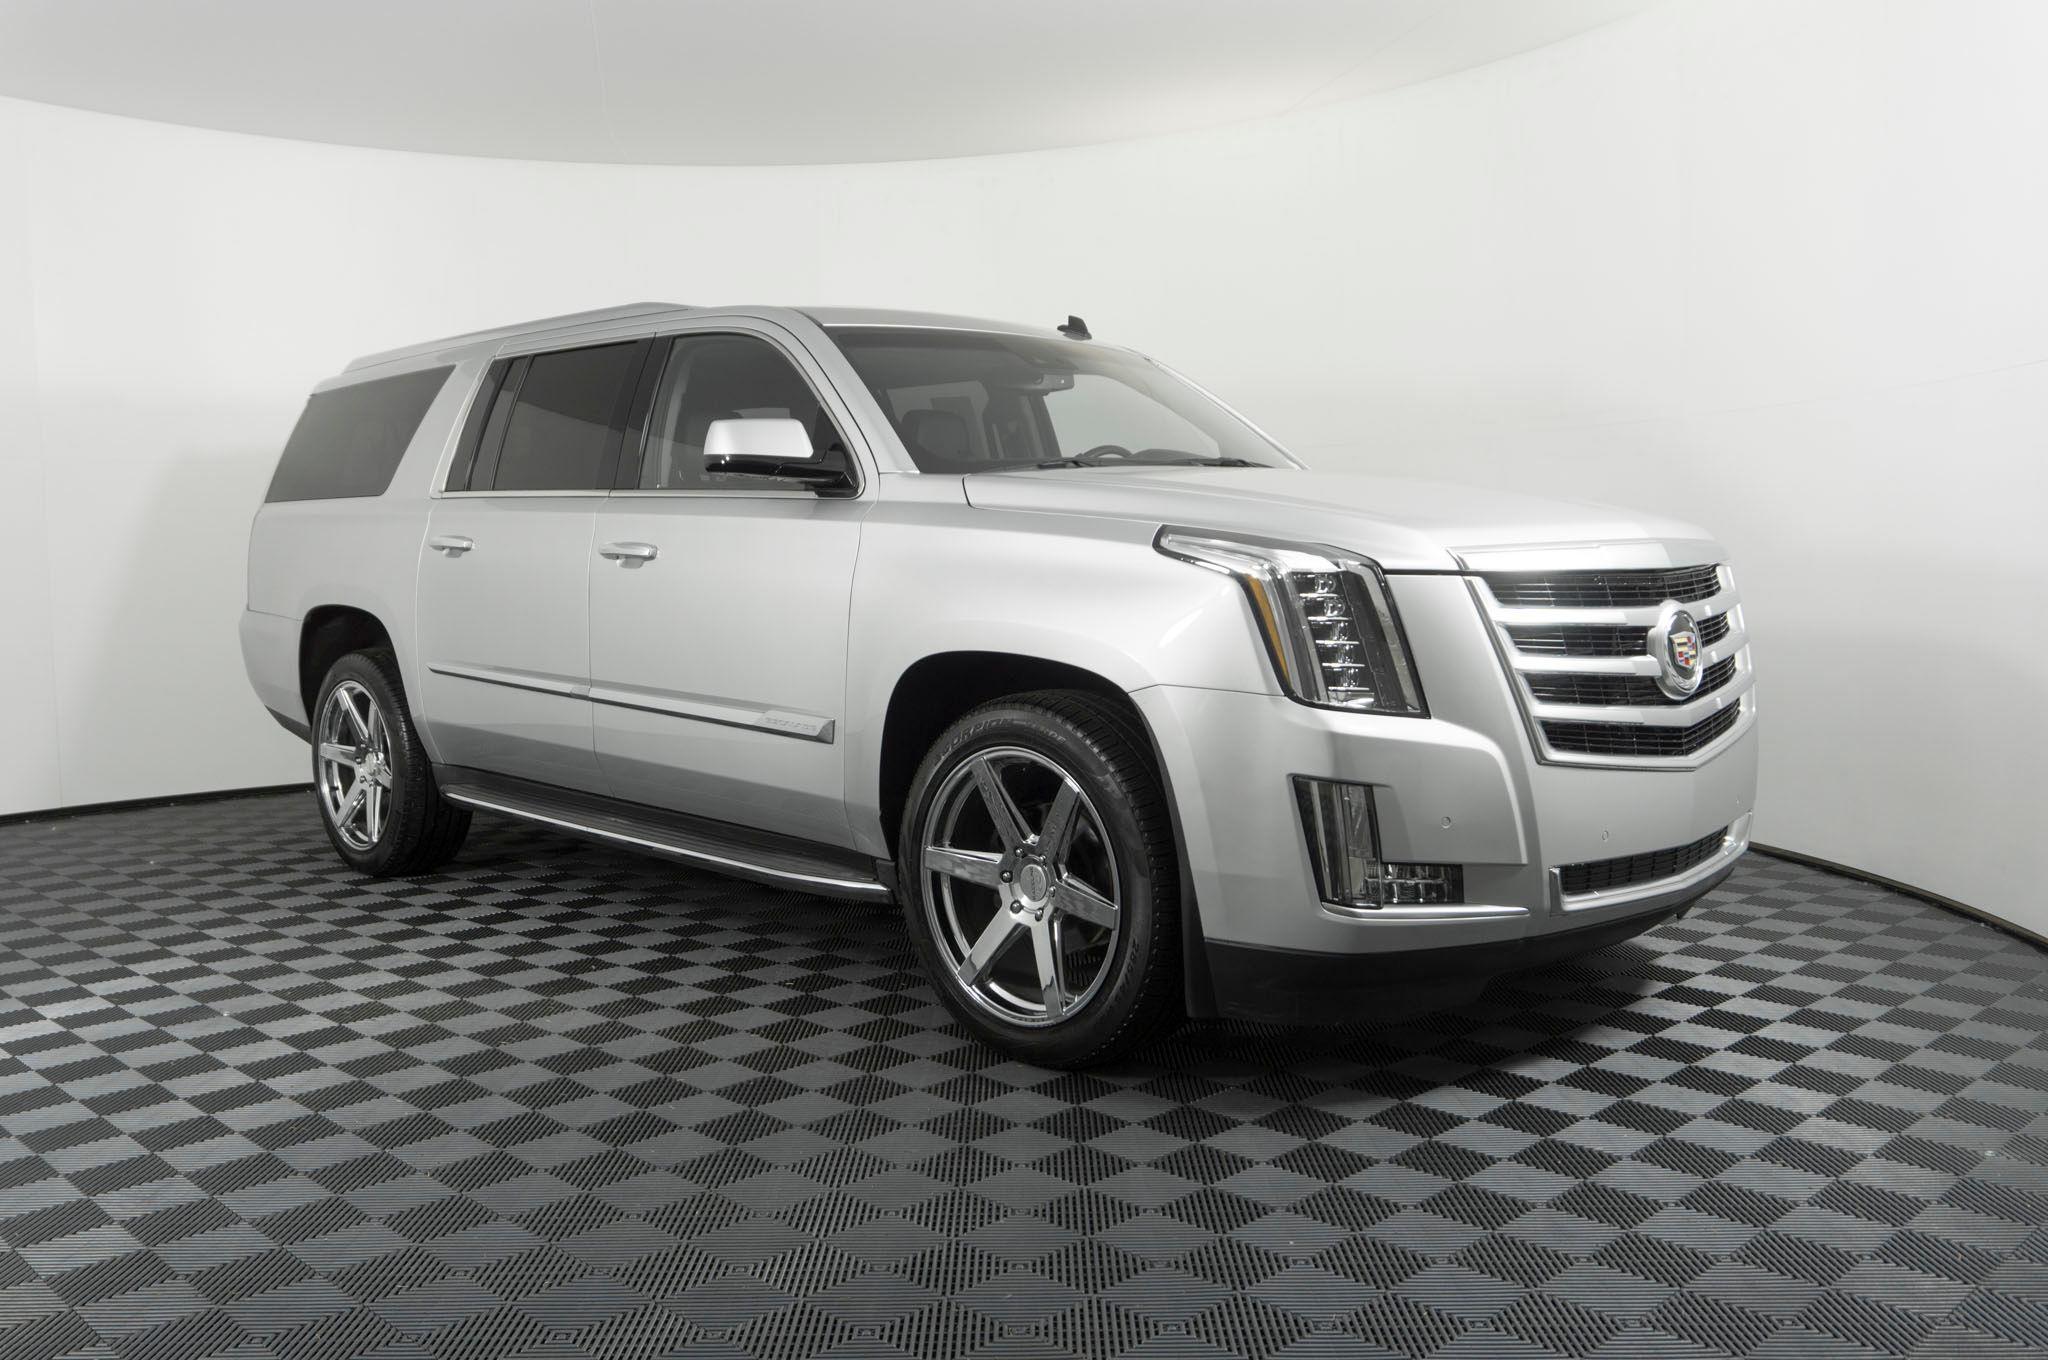 platinum cadillac used marietta esv main escalade c htm luxury ga edition l